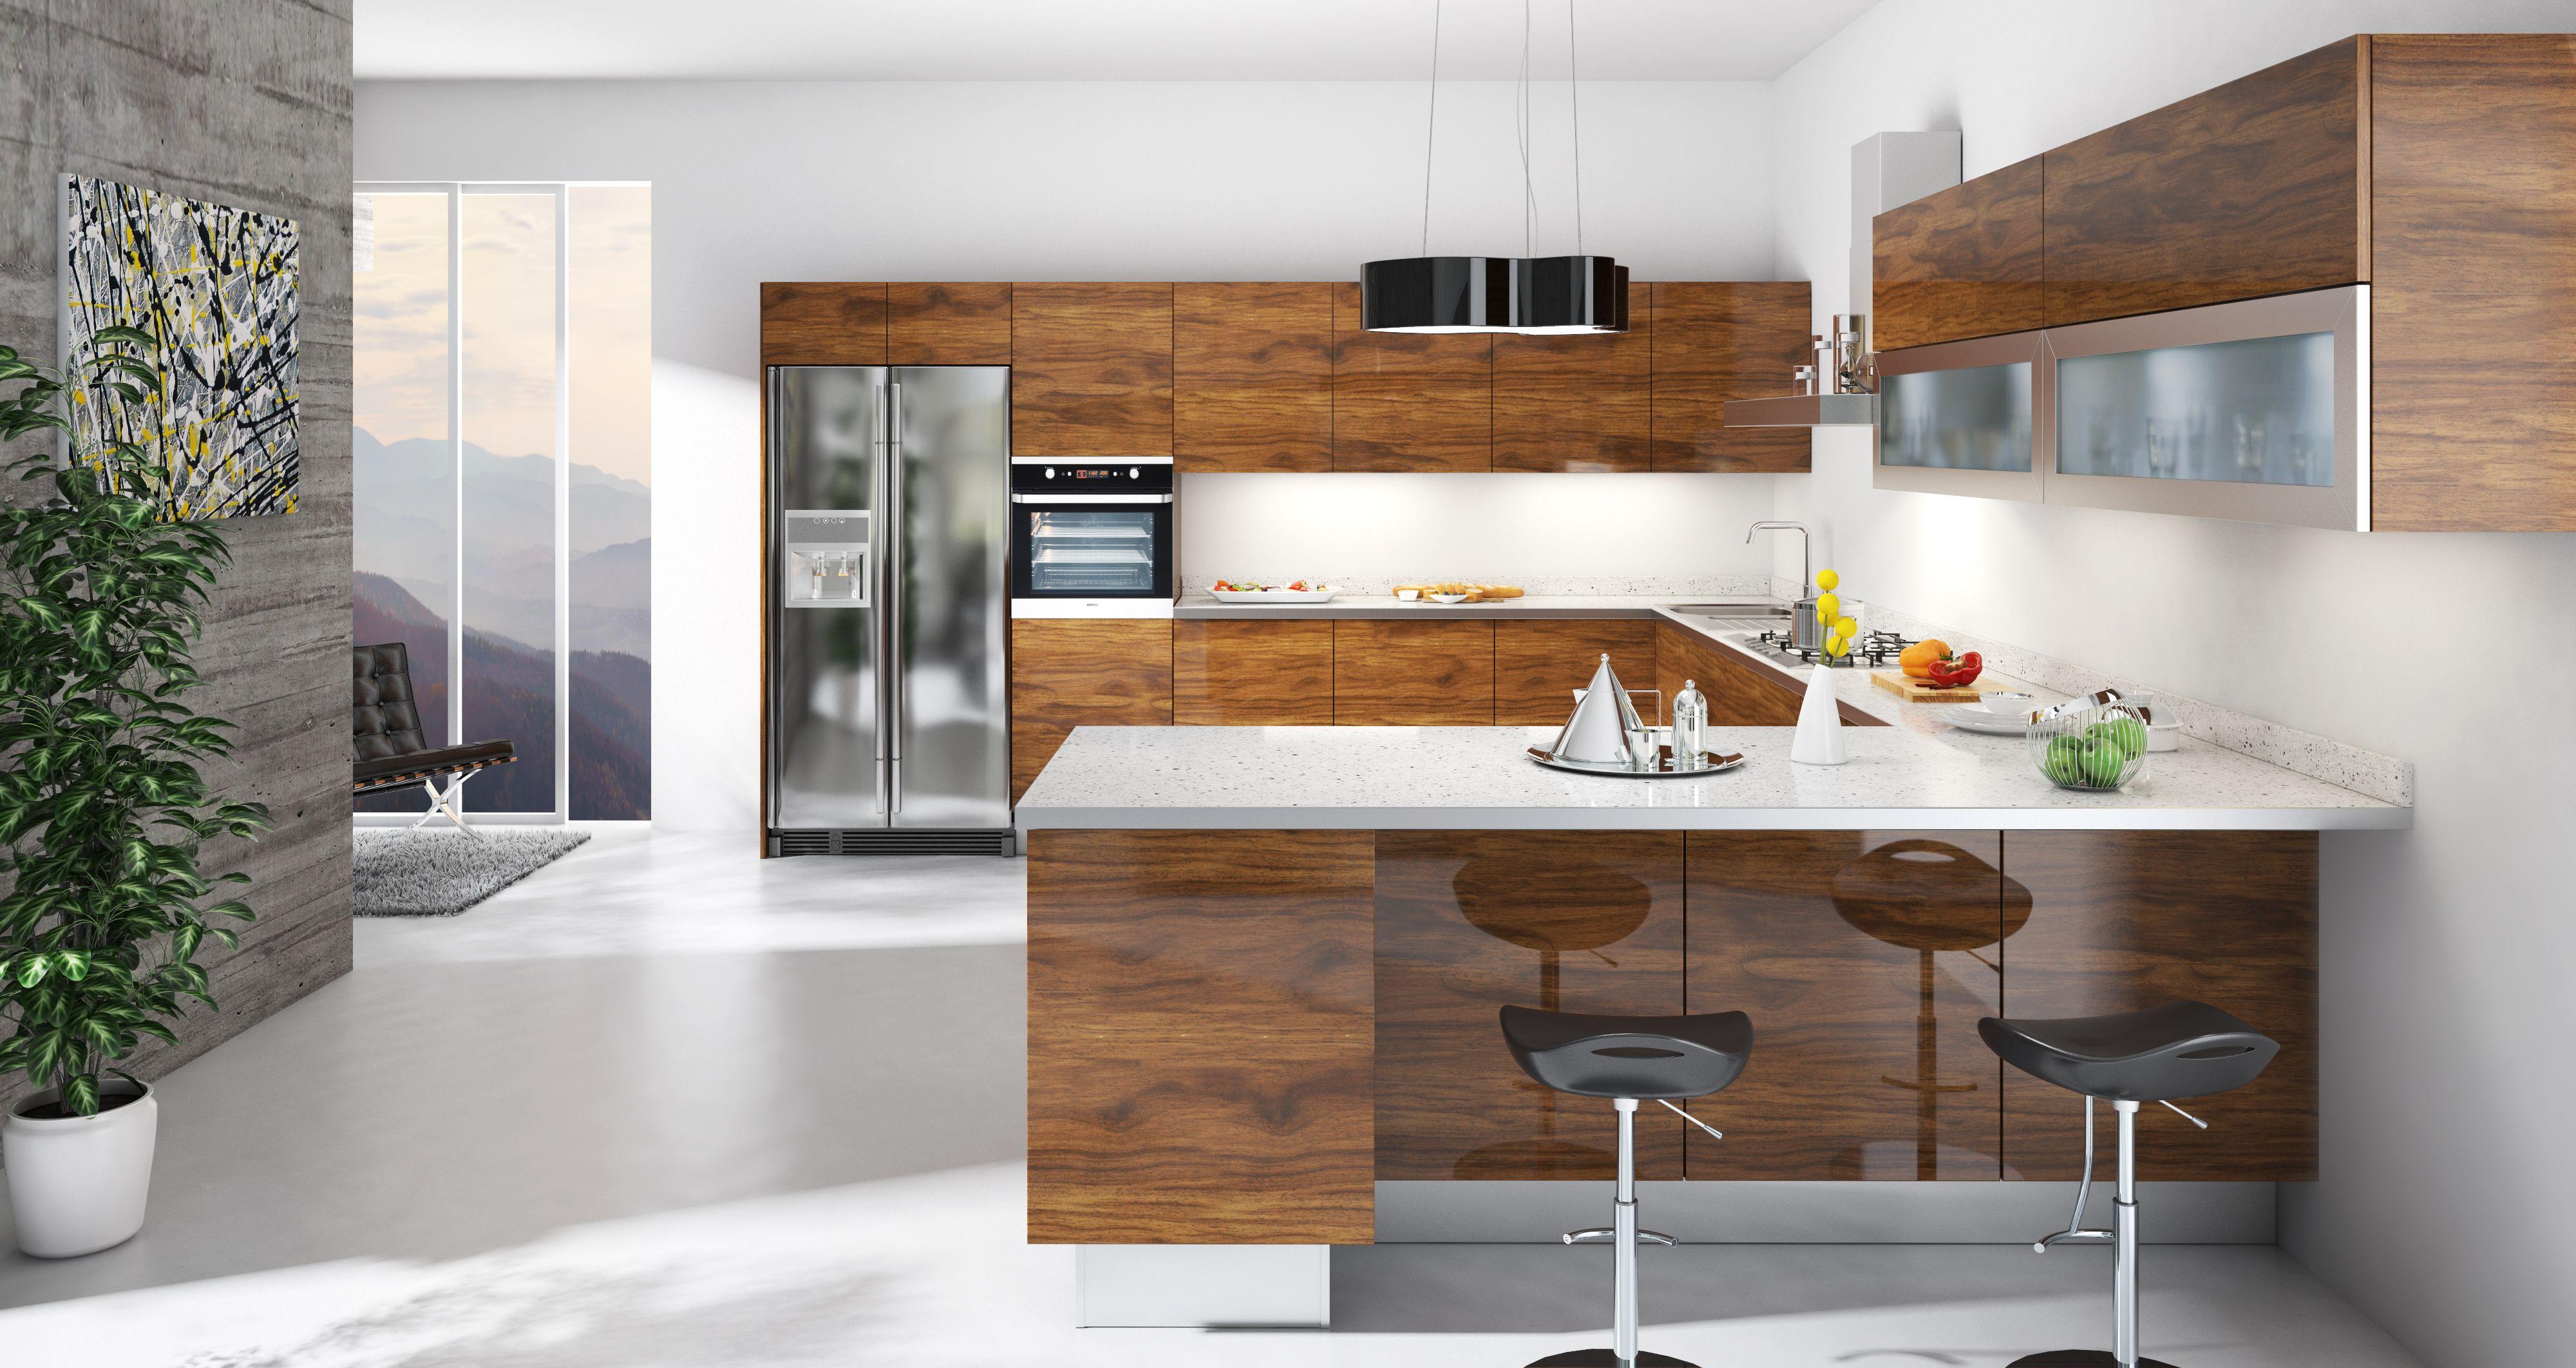 Gabon Walnut European Kitchen Cabinets Modern Kitchen Cabinets Kitchen Concepts